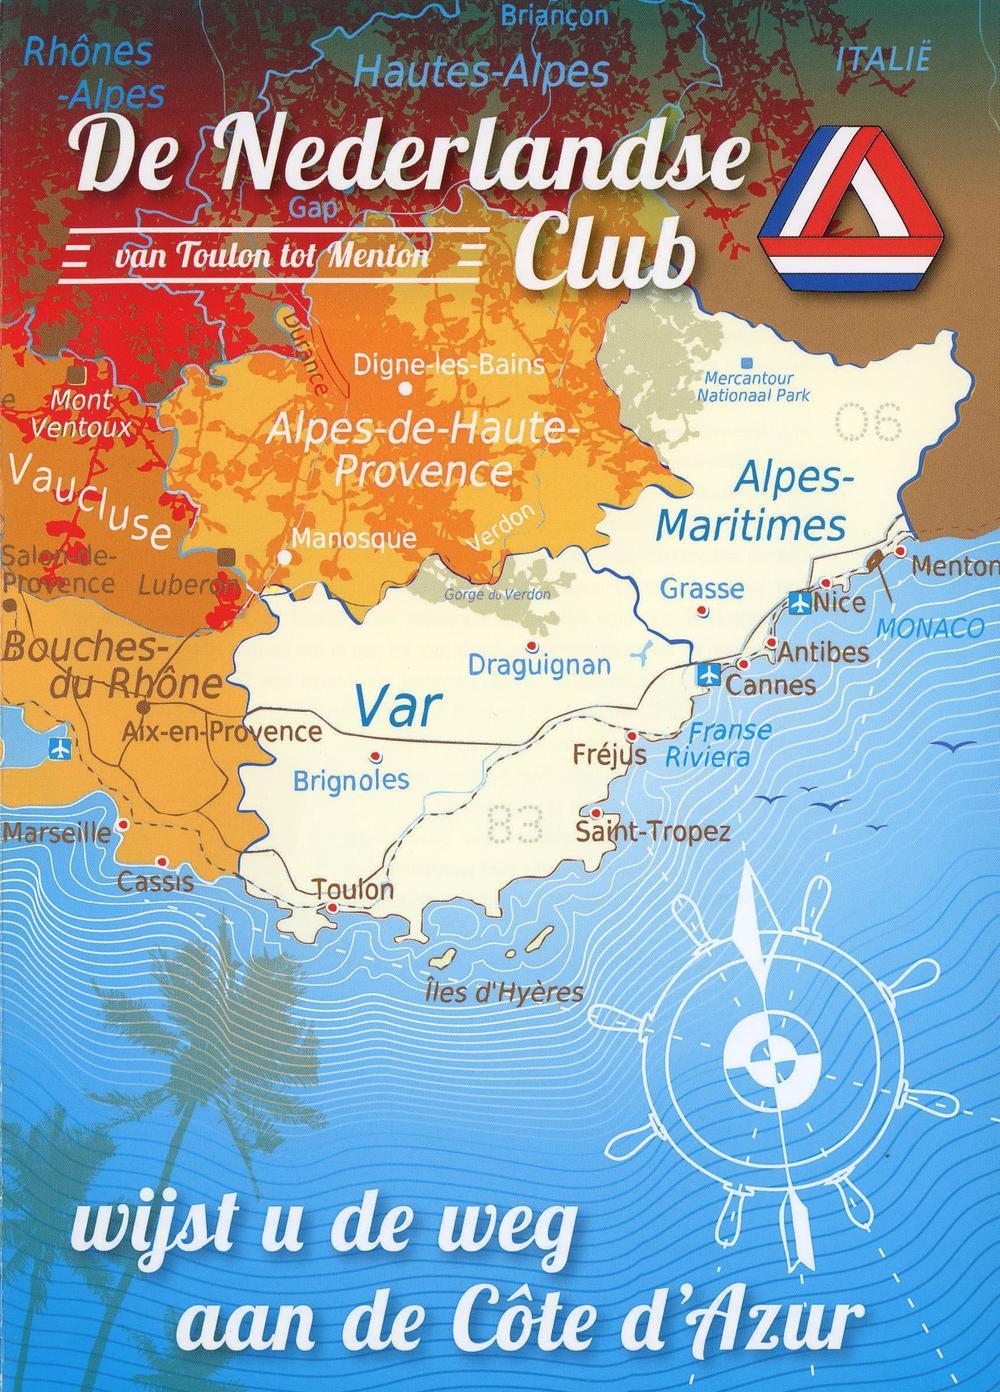 DNC-Flyer-wijst_u_de_weg-org_kopie.jpg